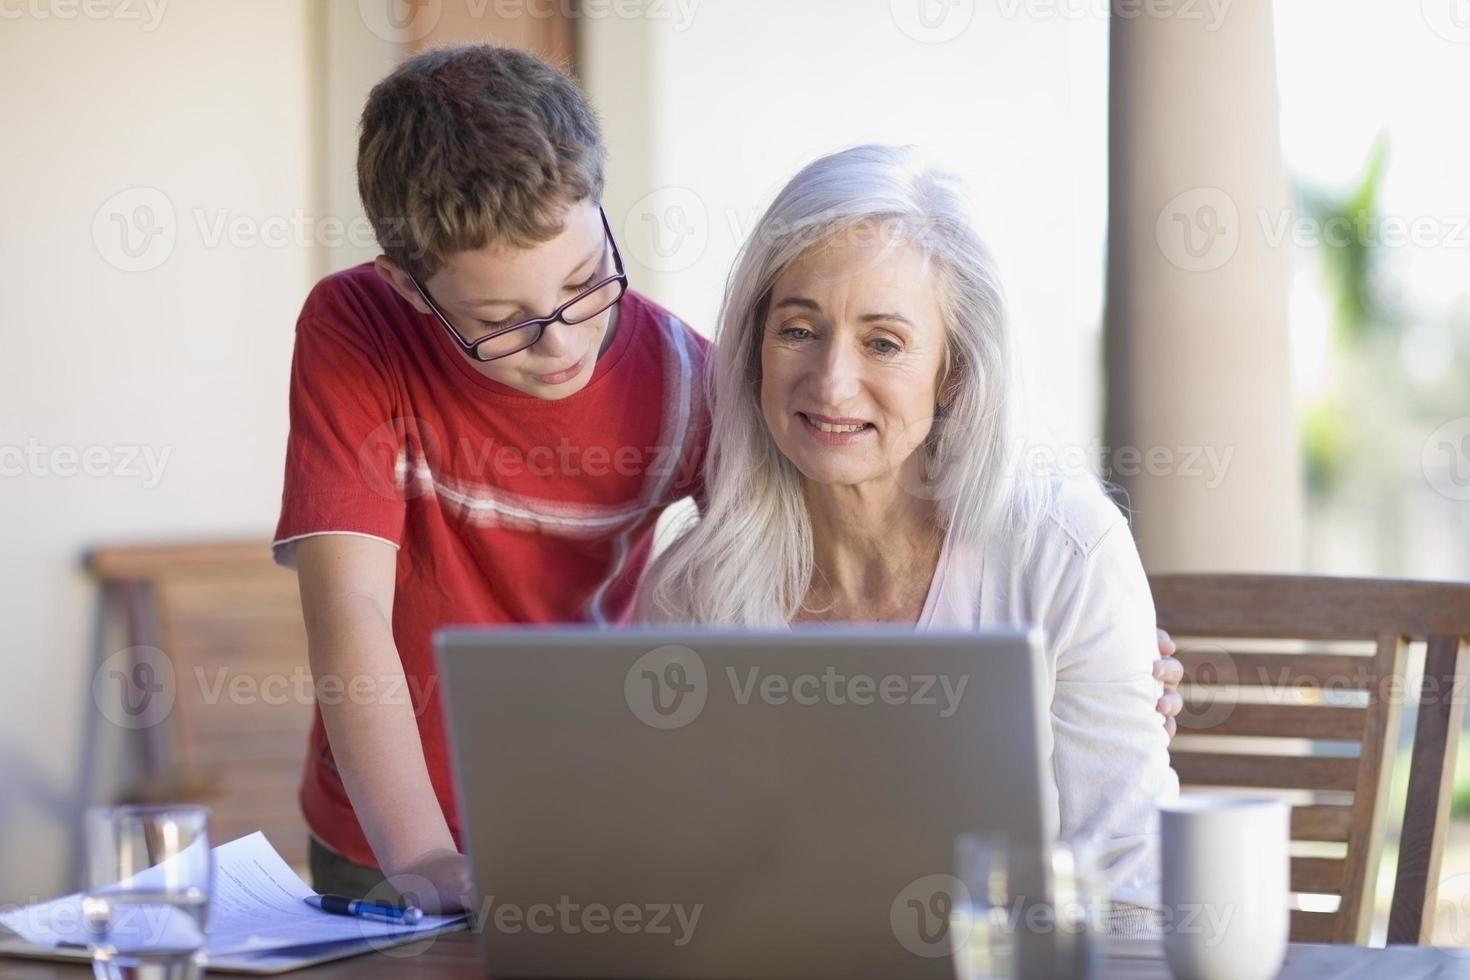 mormor och barnbarn använder bärbar dator foto